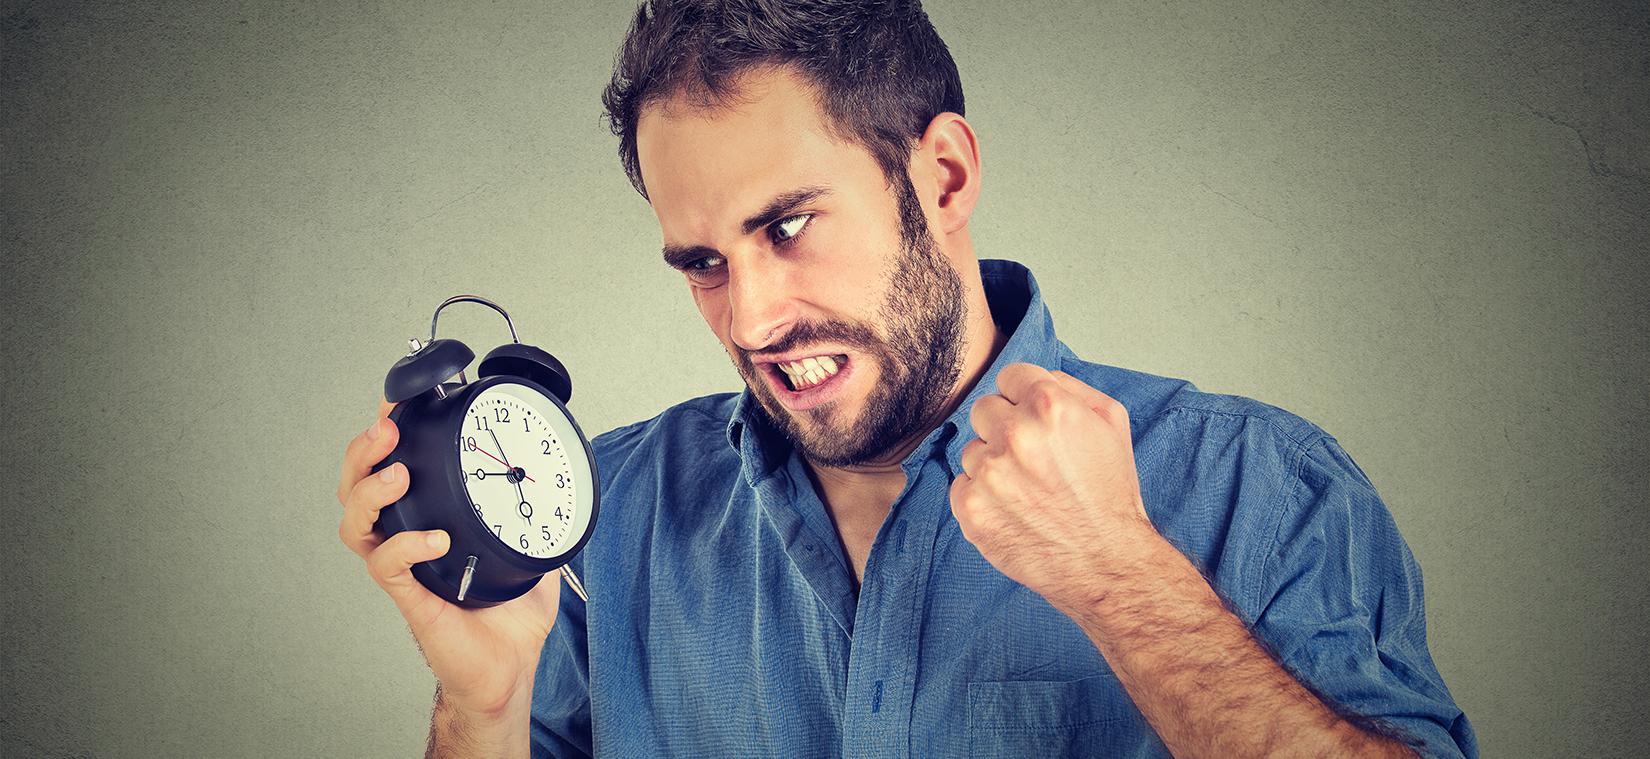 Das Stresshormon Cortisol natürlich in den Griff kriegen: mit Viterba Pacem